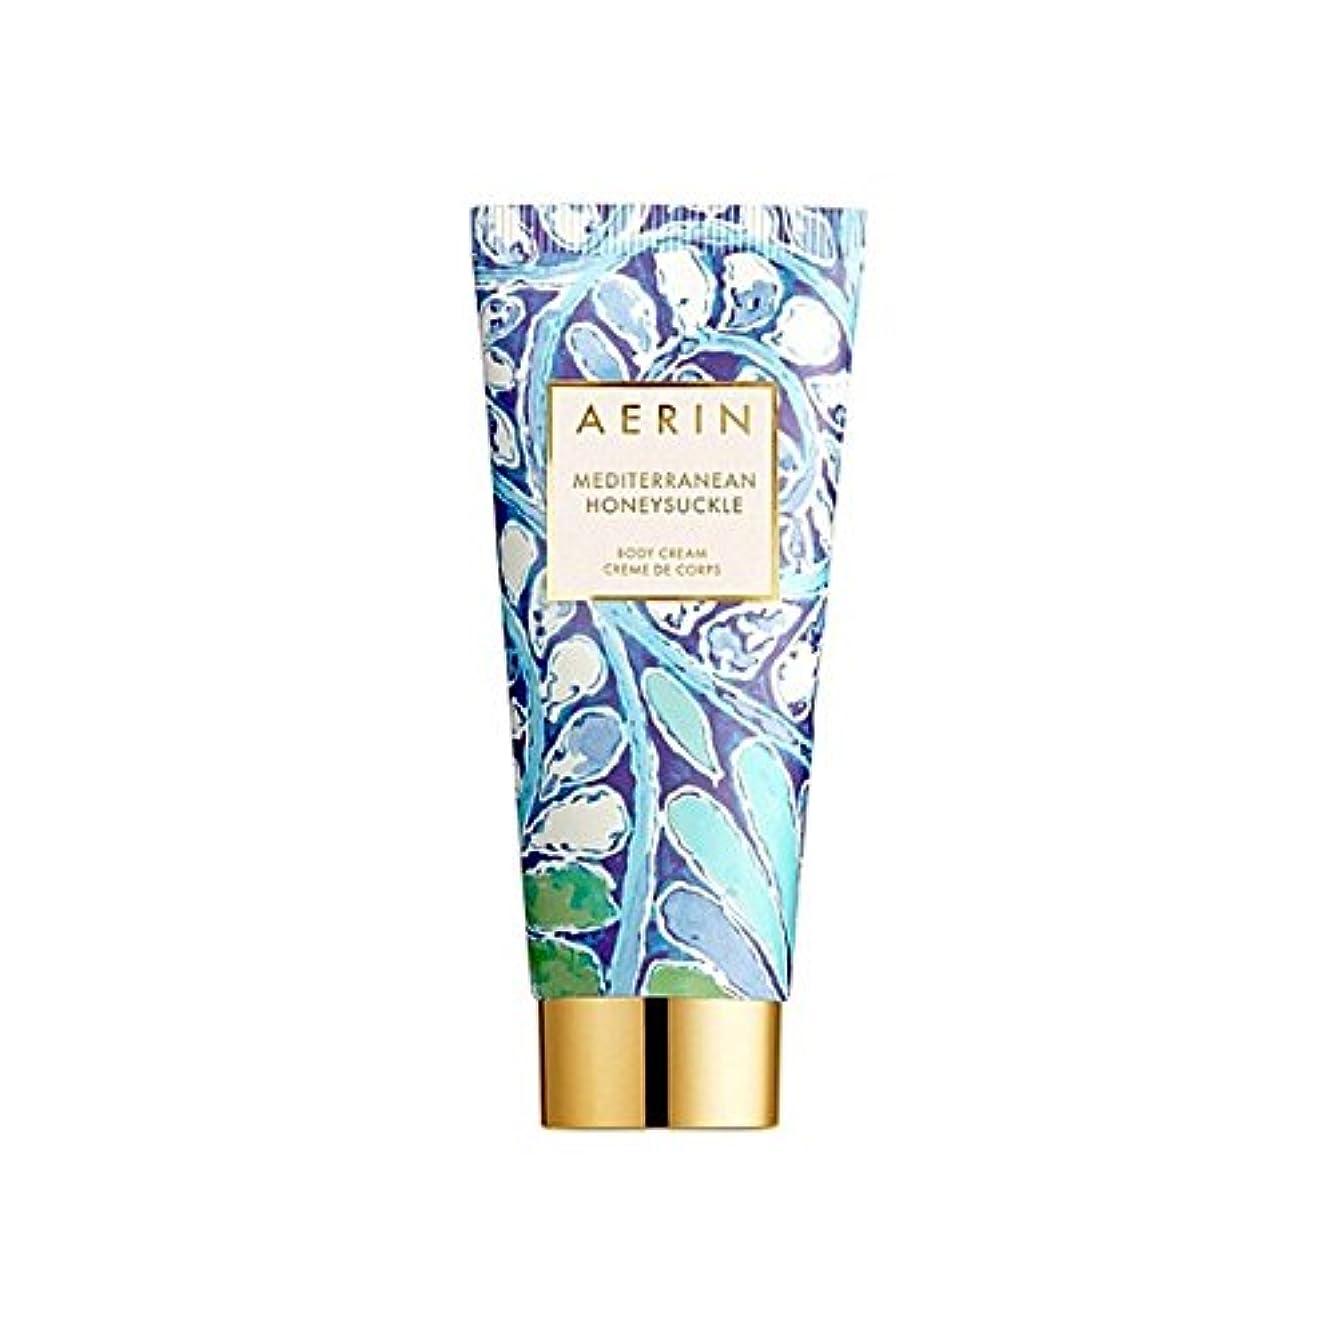 つまらない番号狂乱Aerin Mediterrenean Honeysuckle Body Cream 150ml (Pack of 6) - スイカズラボディクリーム150ミリリットル x6 [並行輸入品]